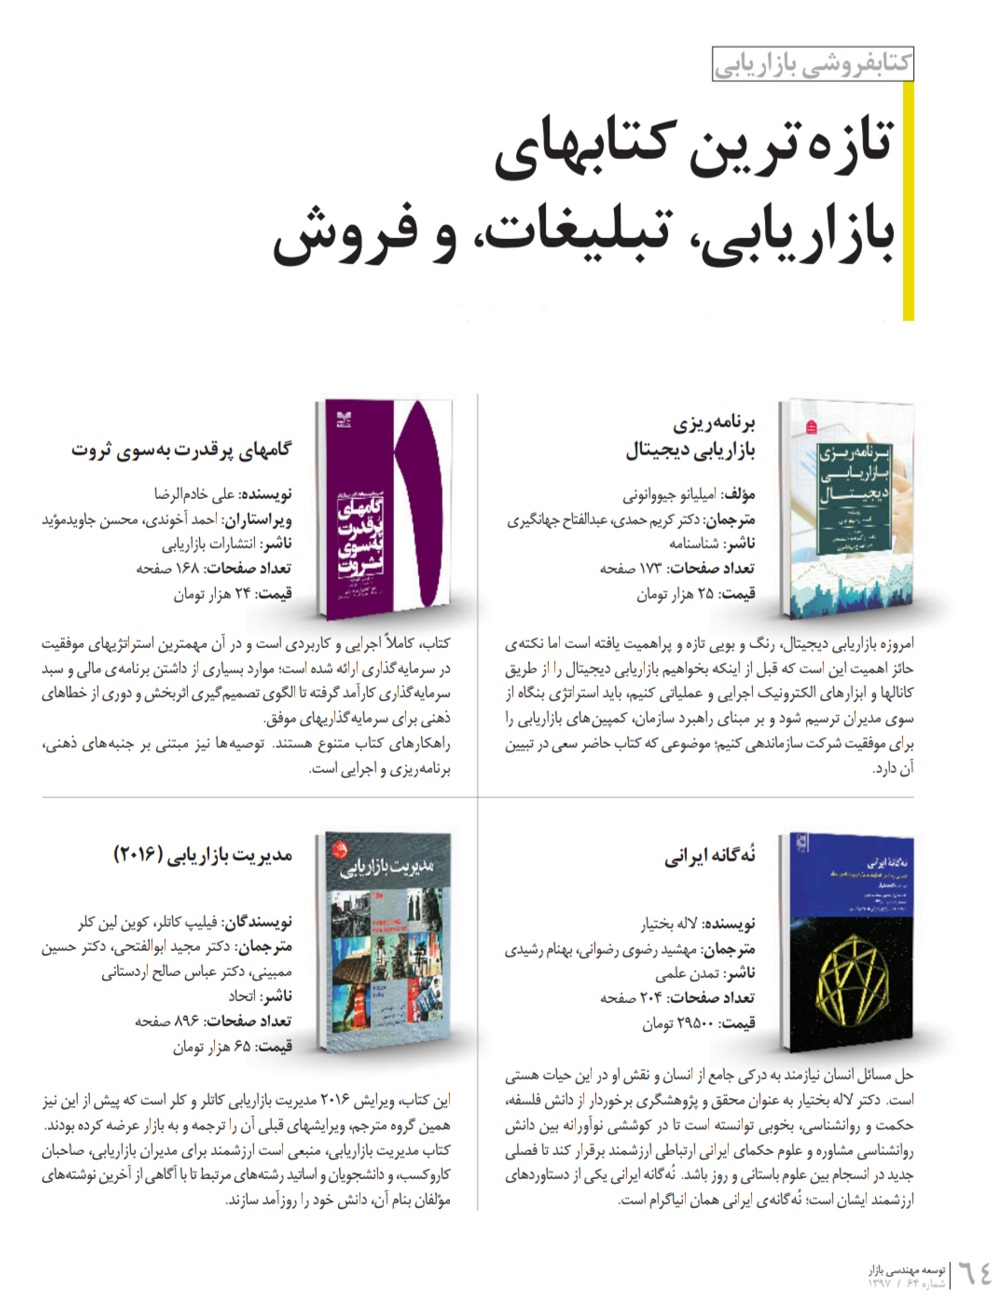 کتاب اصول موفقیت سرمایه گذاری در ایران ؛ گام های پرقدرت به سوی ثروت